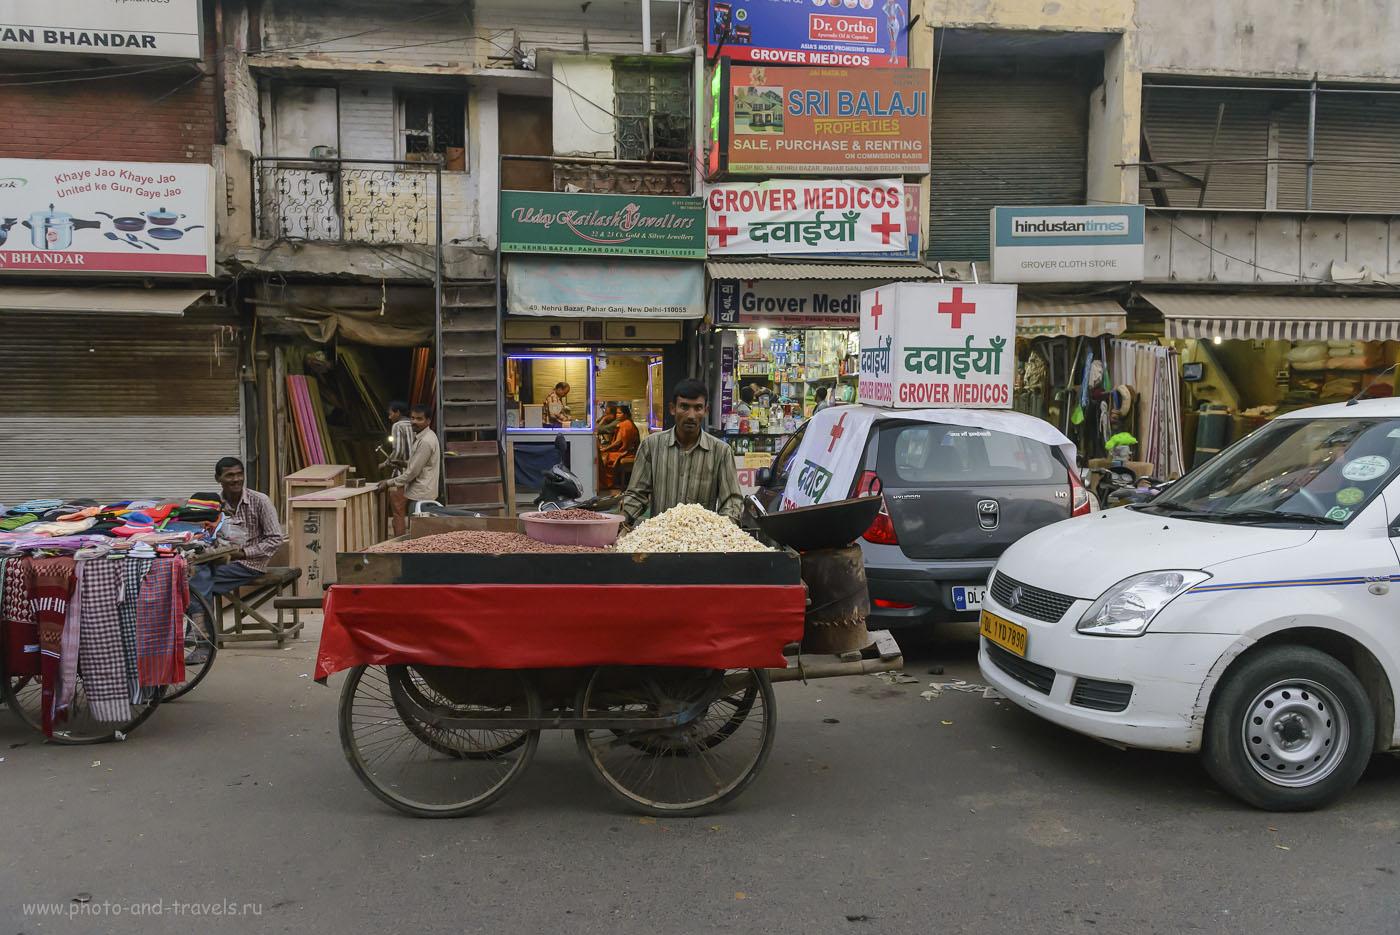 Фотография 18. Рассказ о приключениях в Дели. Улица Мейн Базар. 1/400, -0.33, 4.5, 4000, 24.